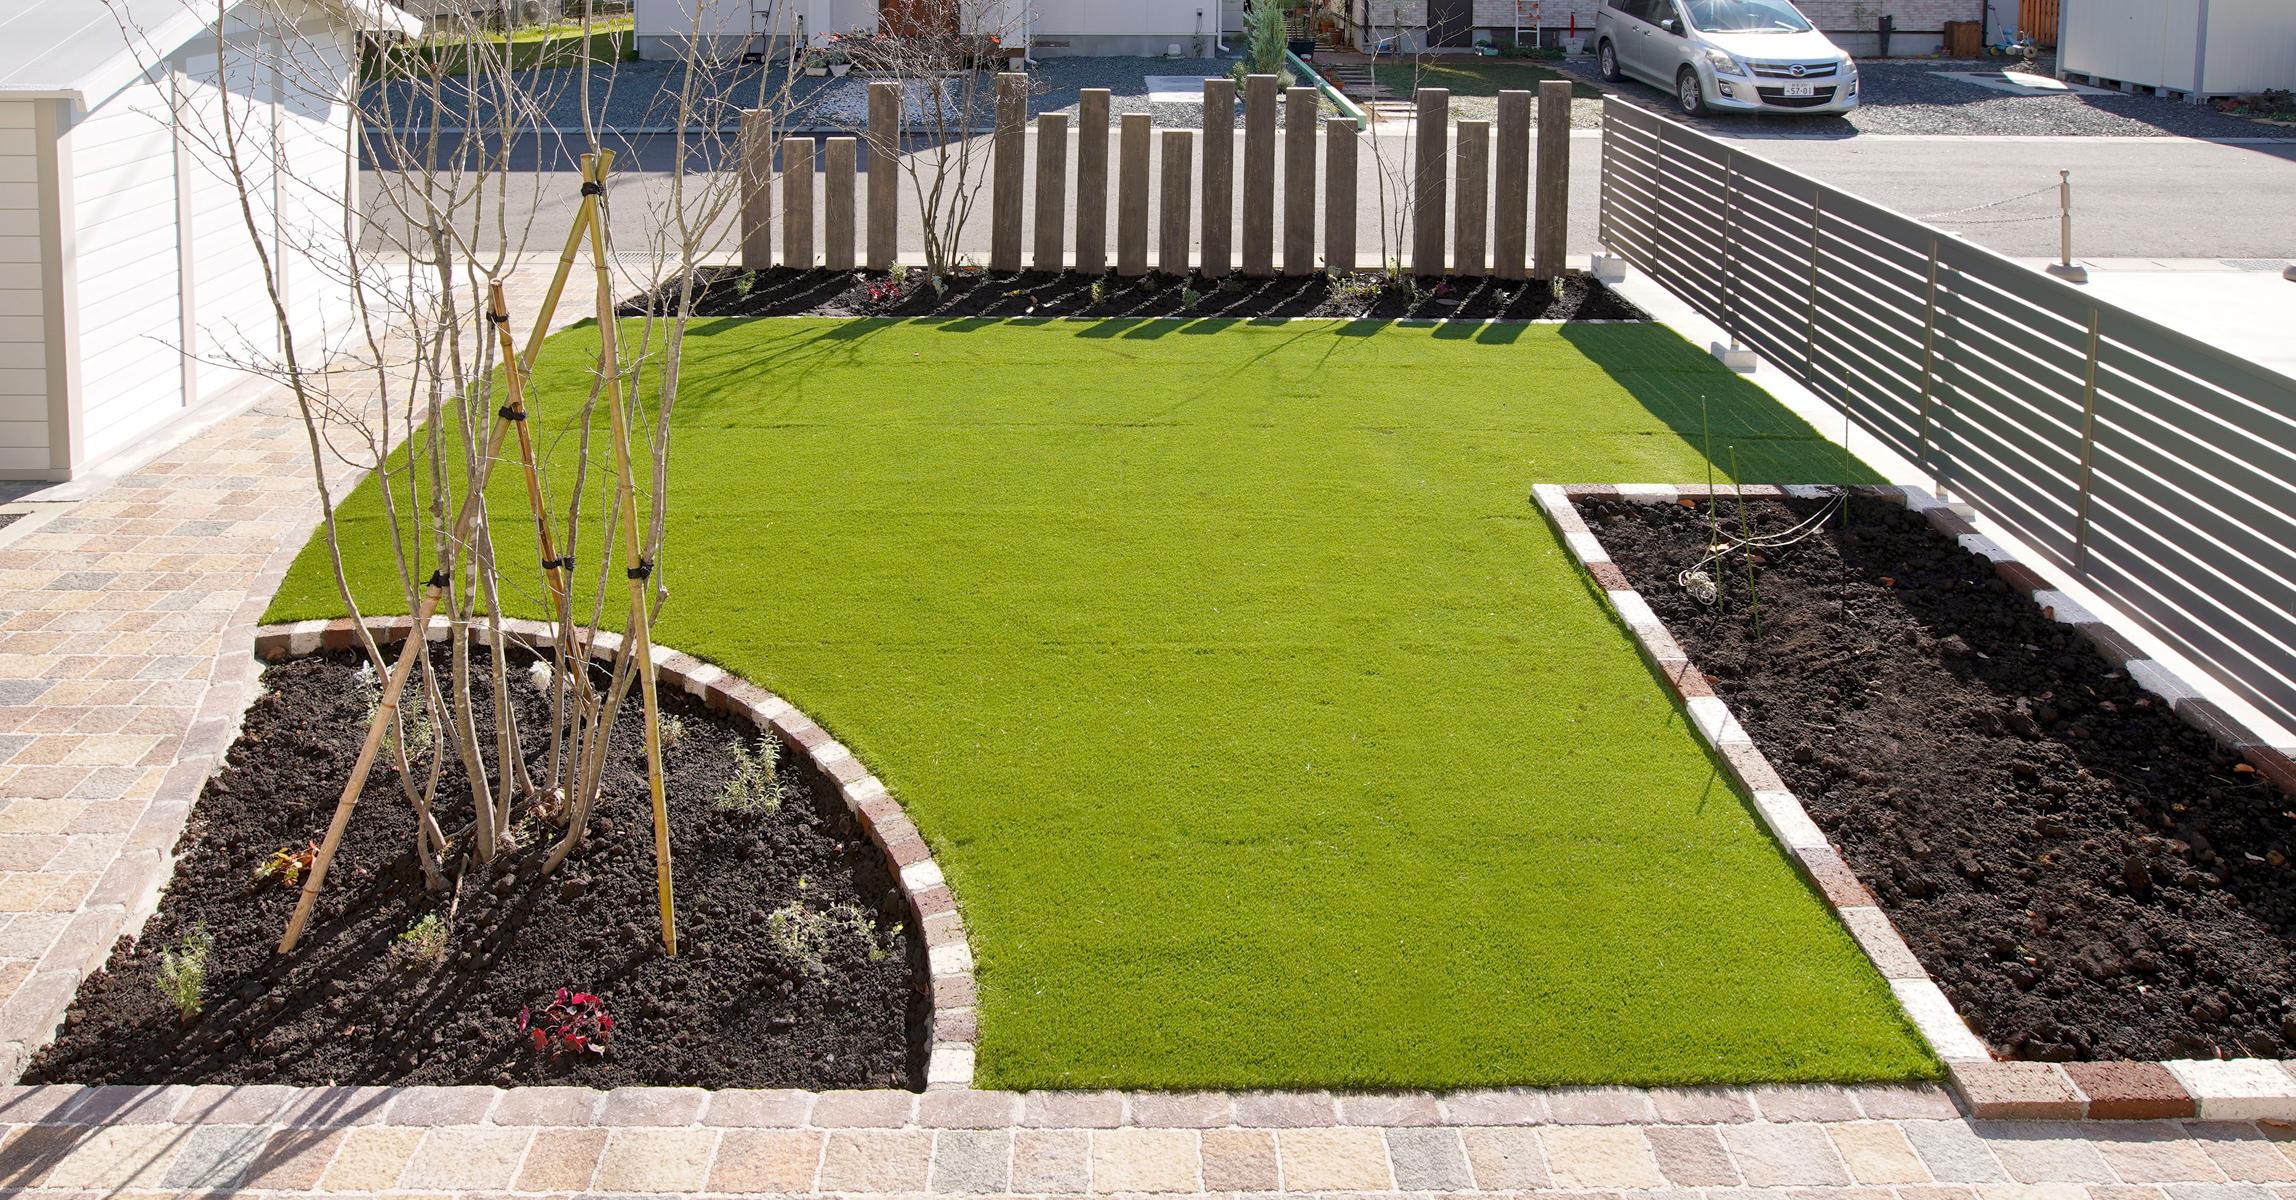 緑が好きなお客様のための植栽花壇と人工芝